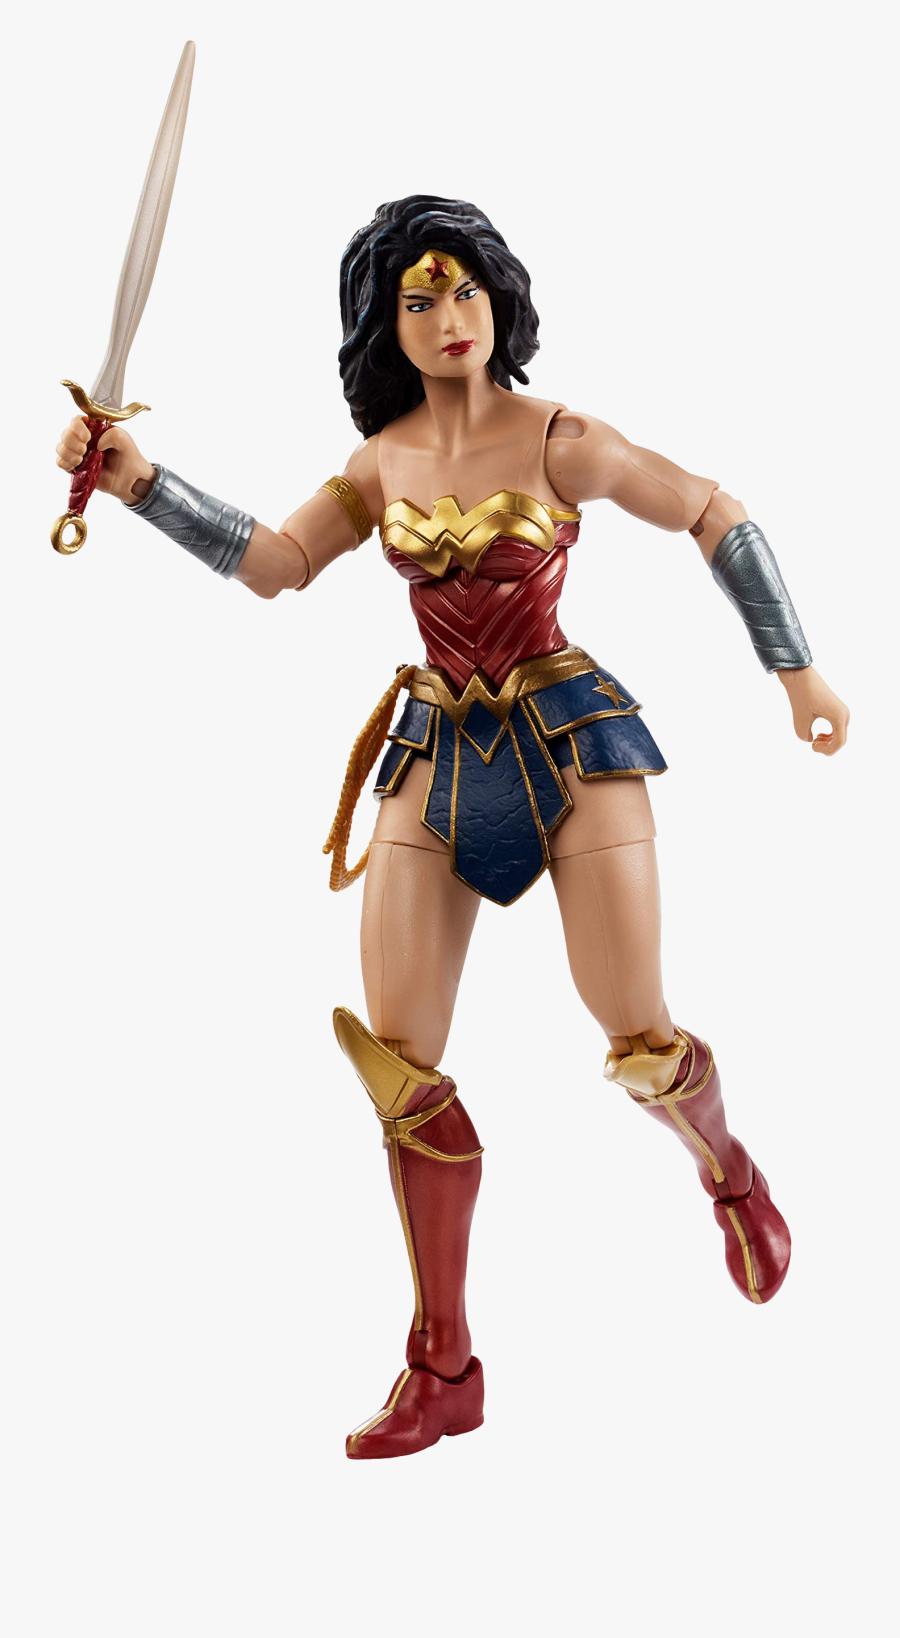 Wonder Woman Multiverse 6 Action Figure Dc Comics - Dc Multiverse Wonder Woman Action Figure, Transparent Clipart